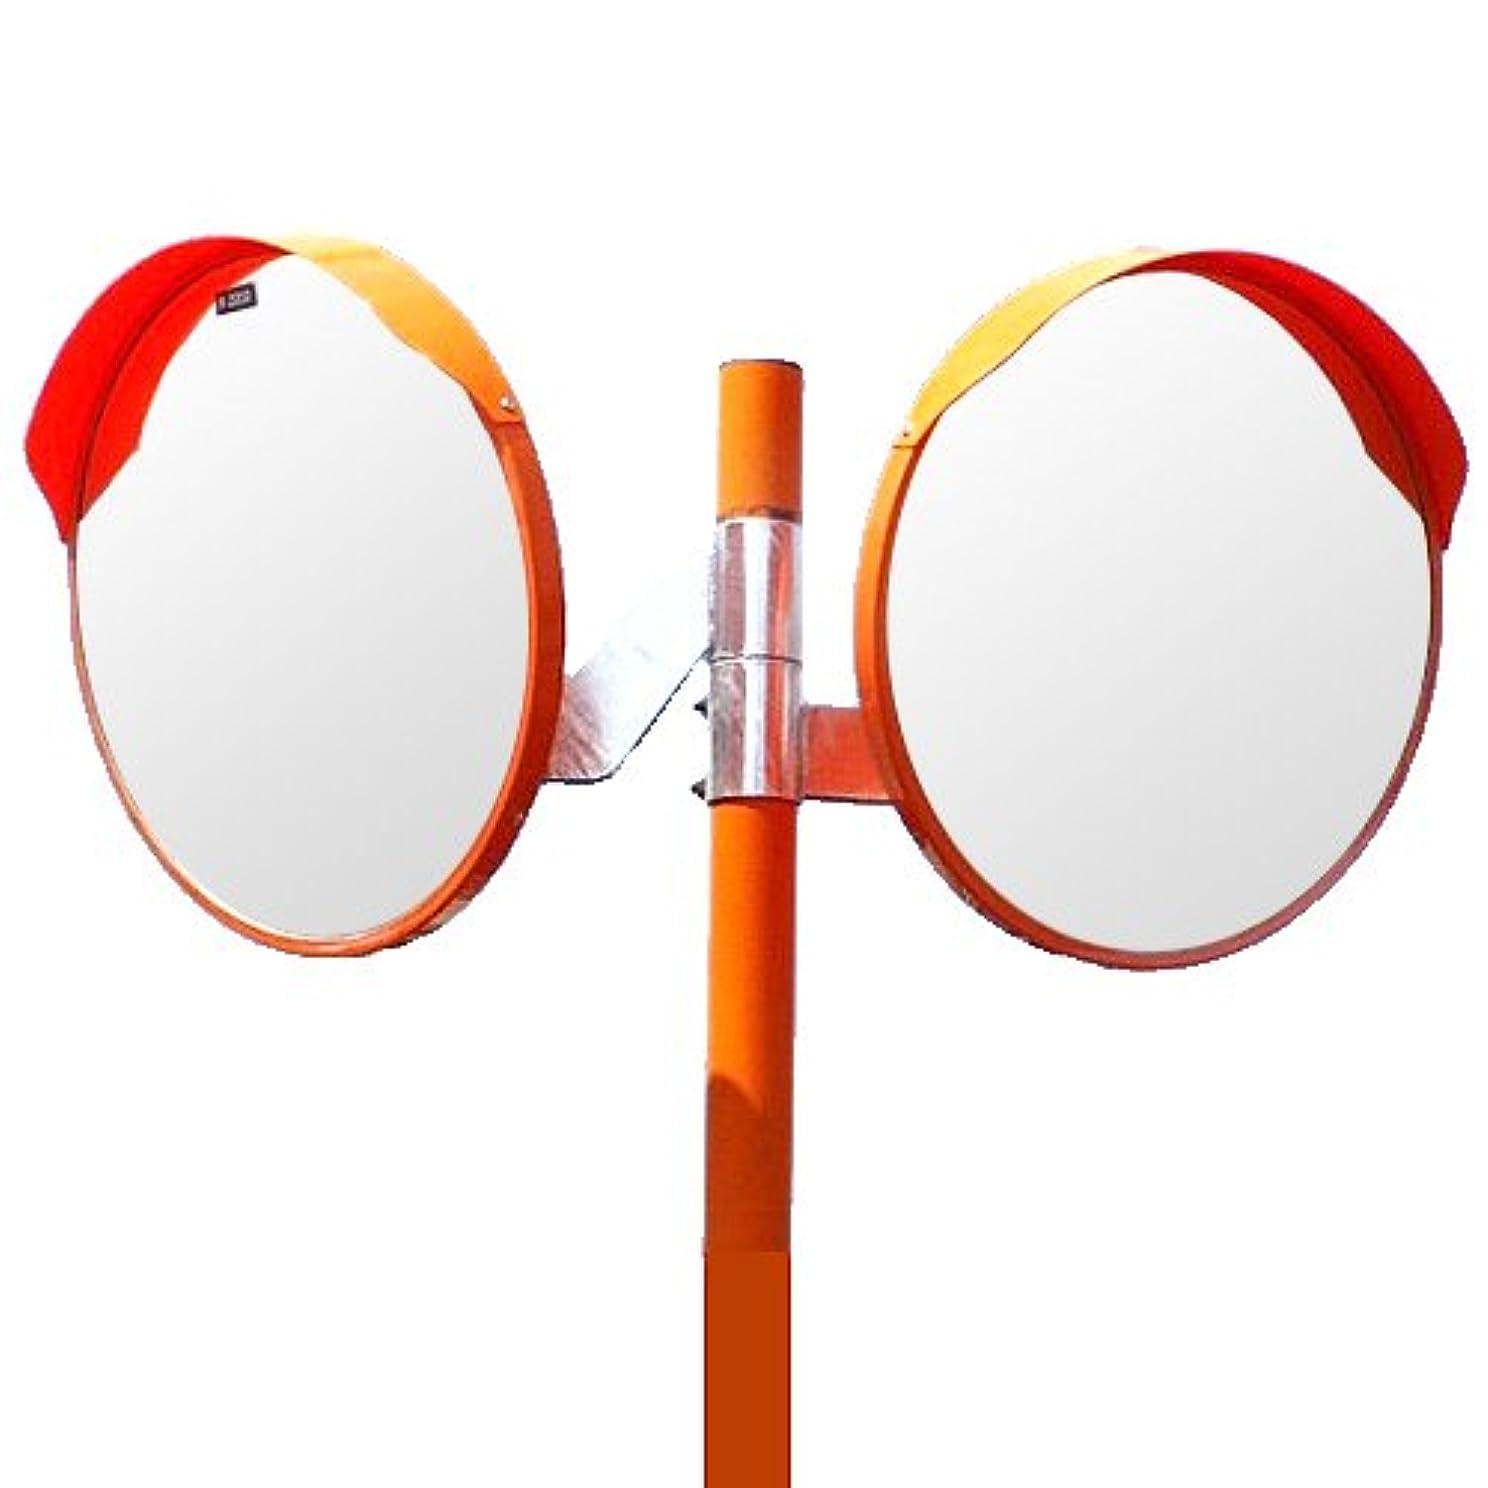 リルニコチン助けになるホップ アクリル製 道路反射鏡 2面鏡 支柱(ポール) セット 丸型60cm φ600 HPLA-丸600WPオレンジ 日本製 道路反射鏡協会認定商品